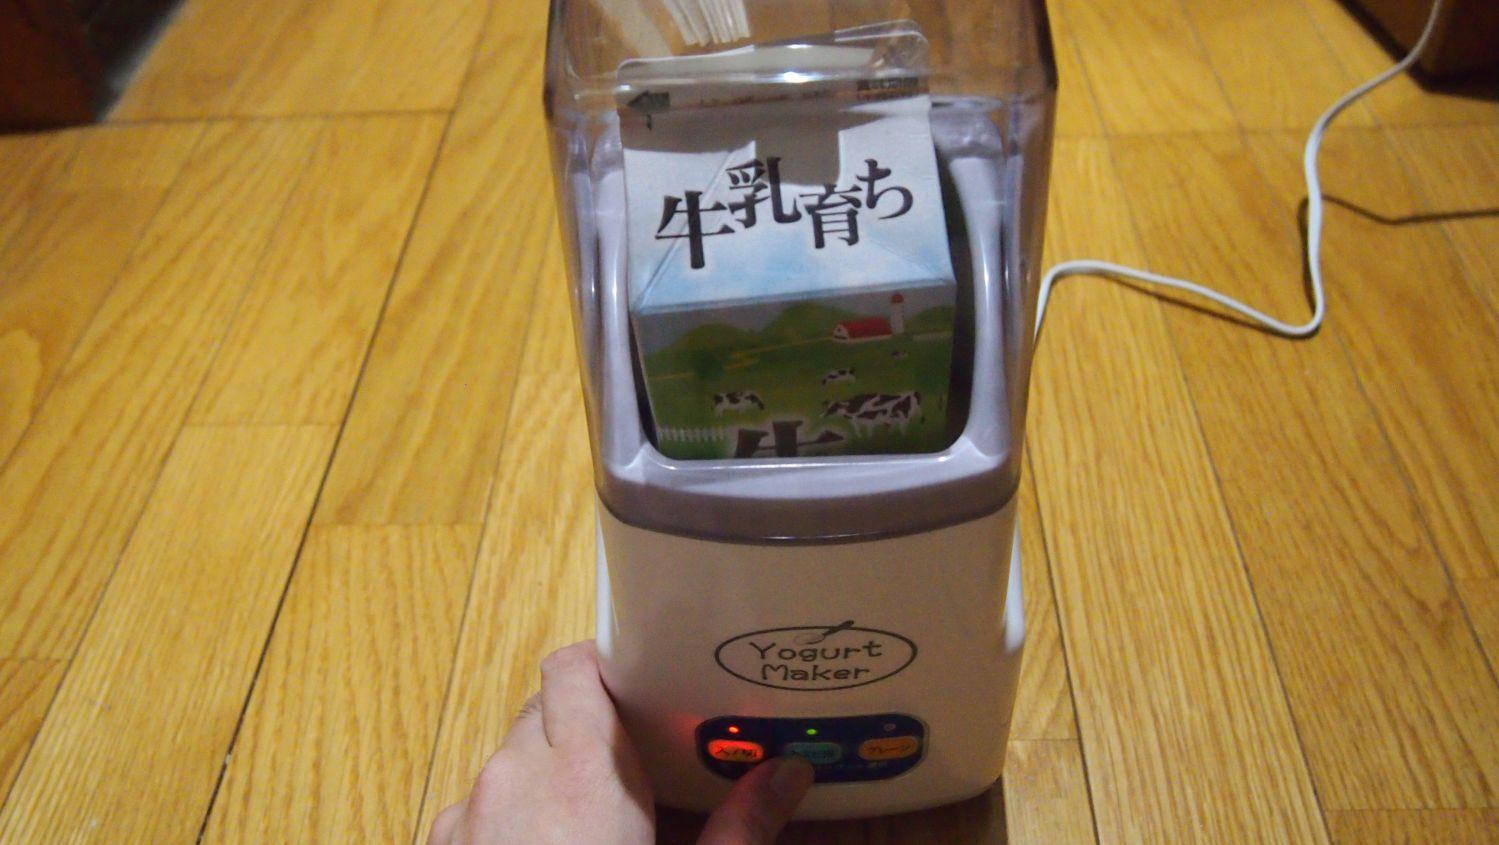 ヒロ・コーポレーション ヨーグルトメーカー HG-Y260のスイッチ